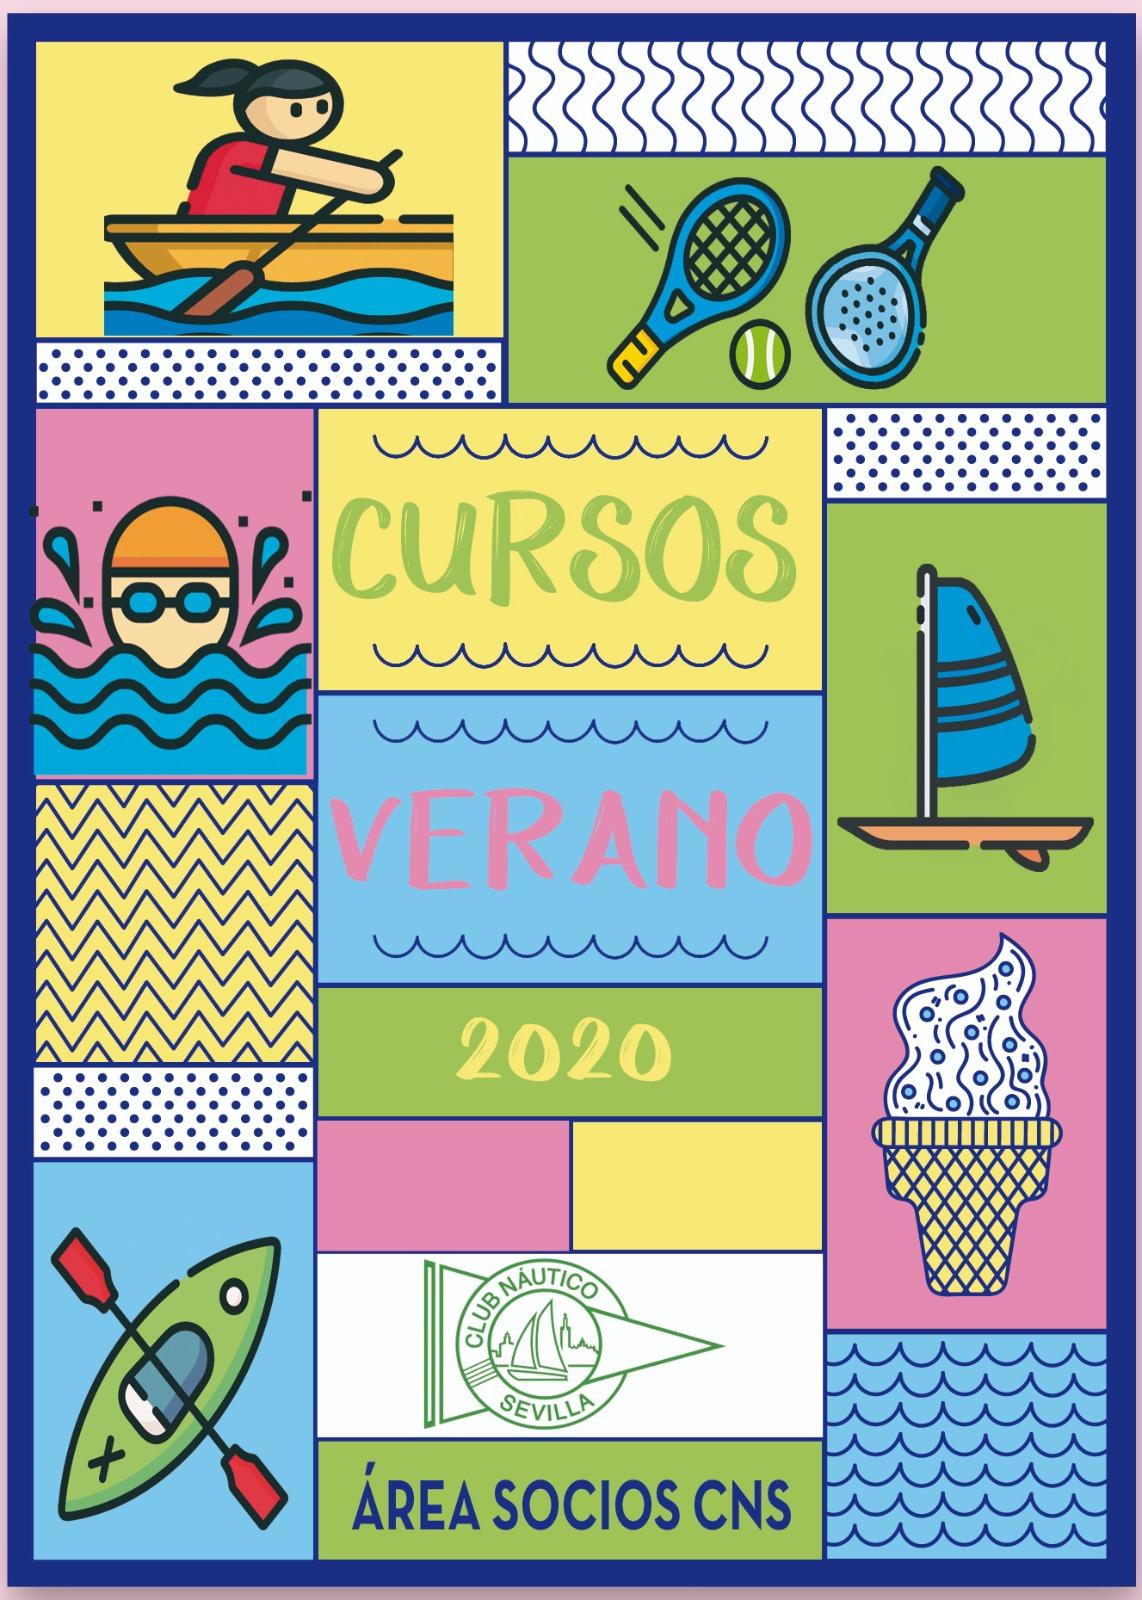 Cartel cursos verano CNS 2020.jpg